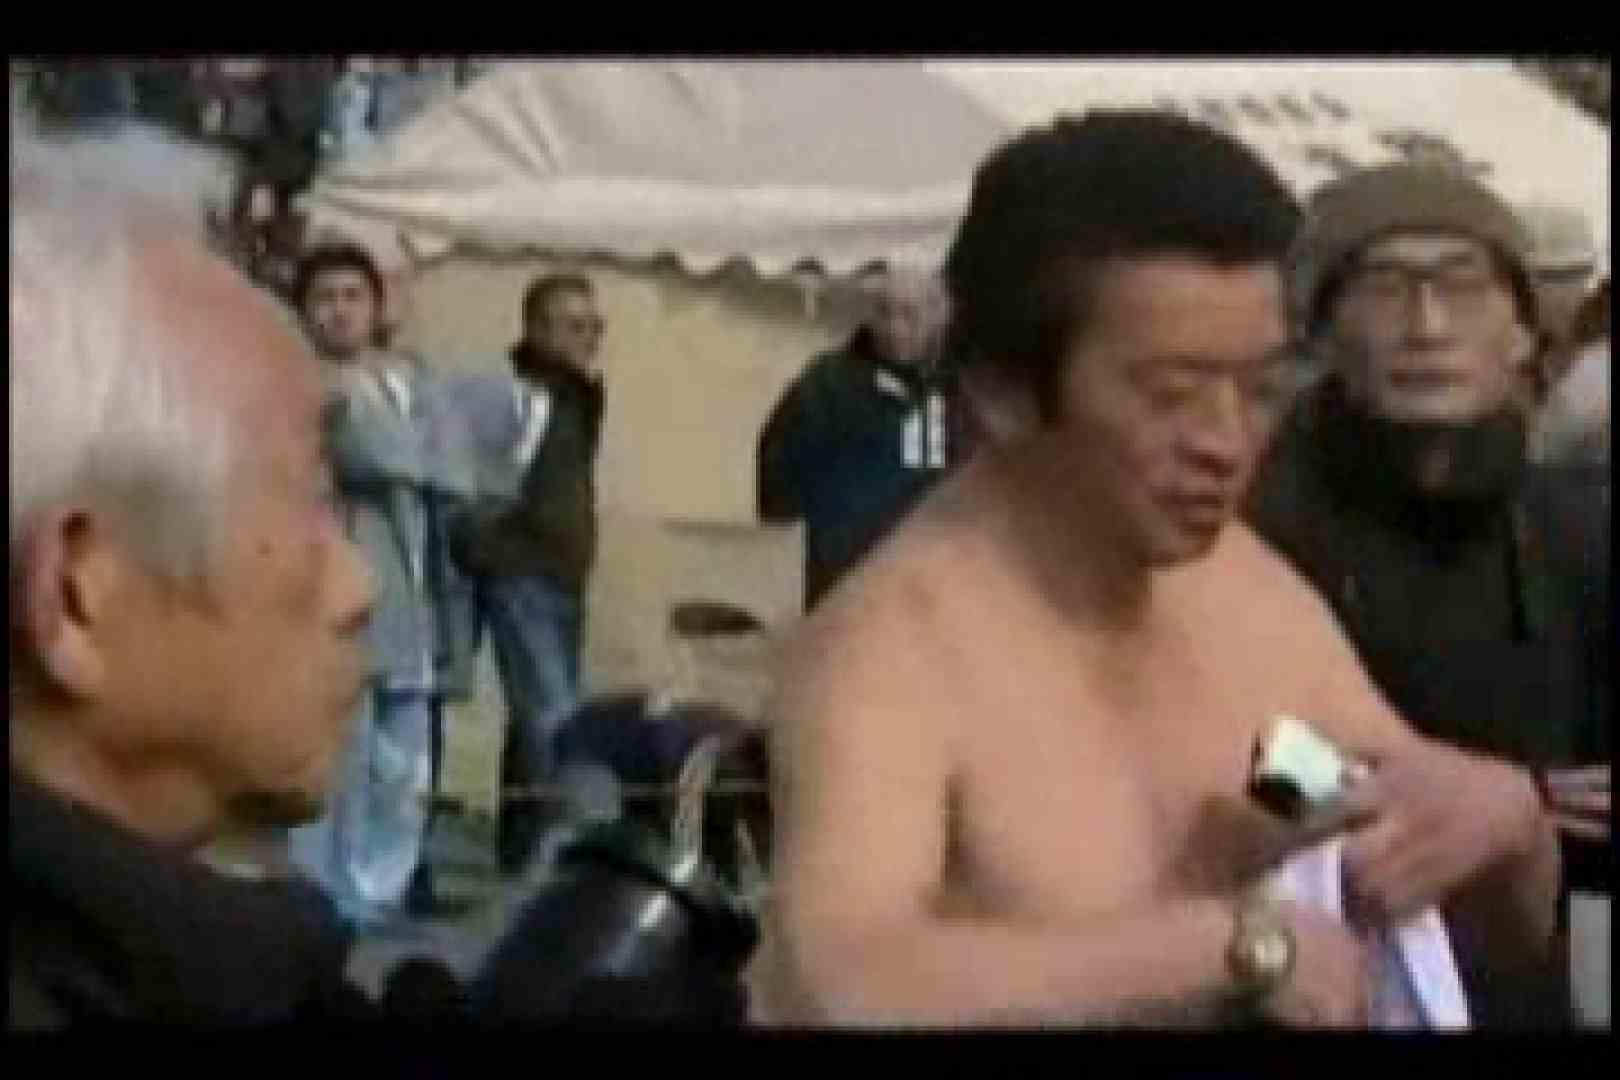 陰間茶屋 男児祭り VOL.1 男どうし ゲイ無料無修正画像 76pic 51